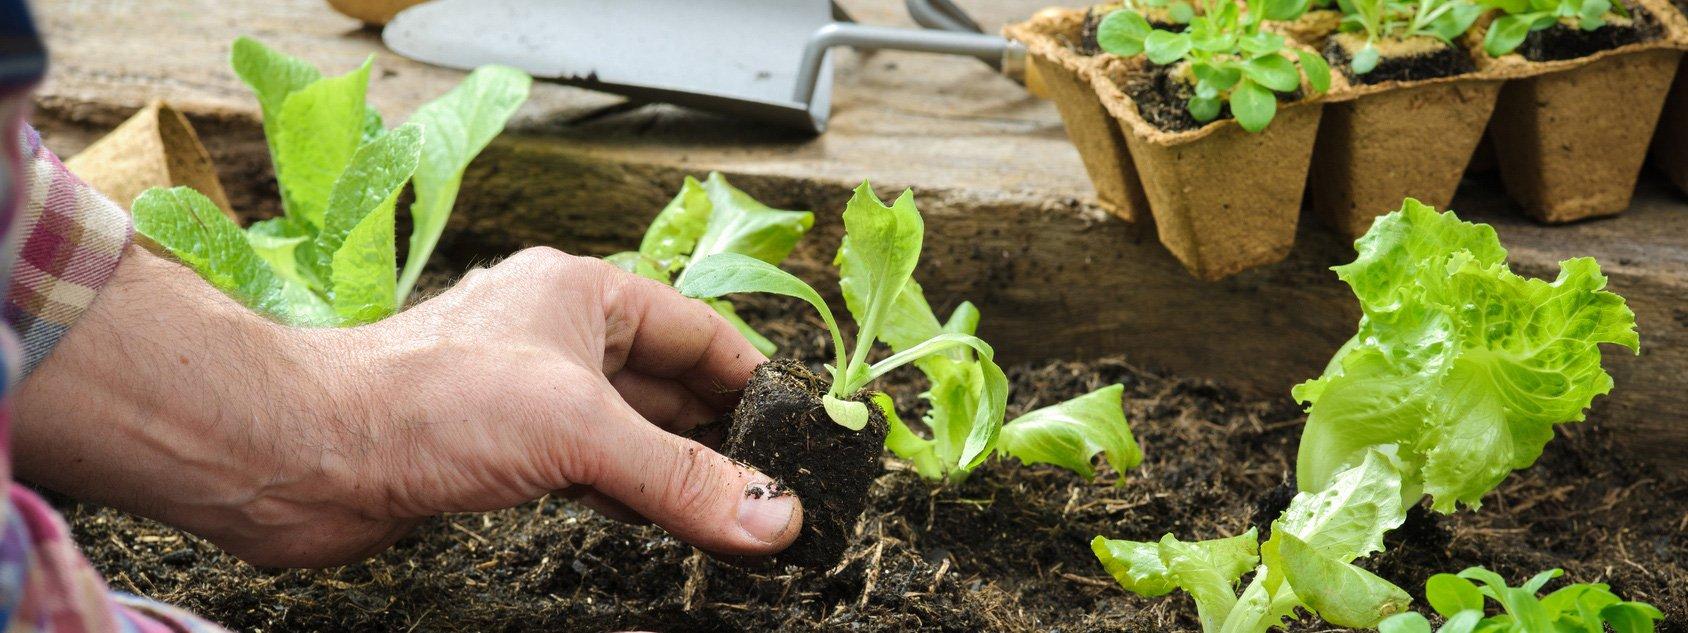 Orto autunnale cosa piantare cose di casa for Cosa piantare nell orto adesso